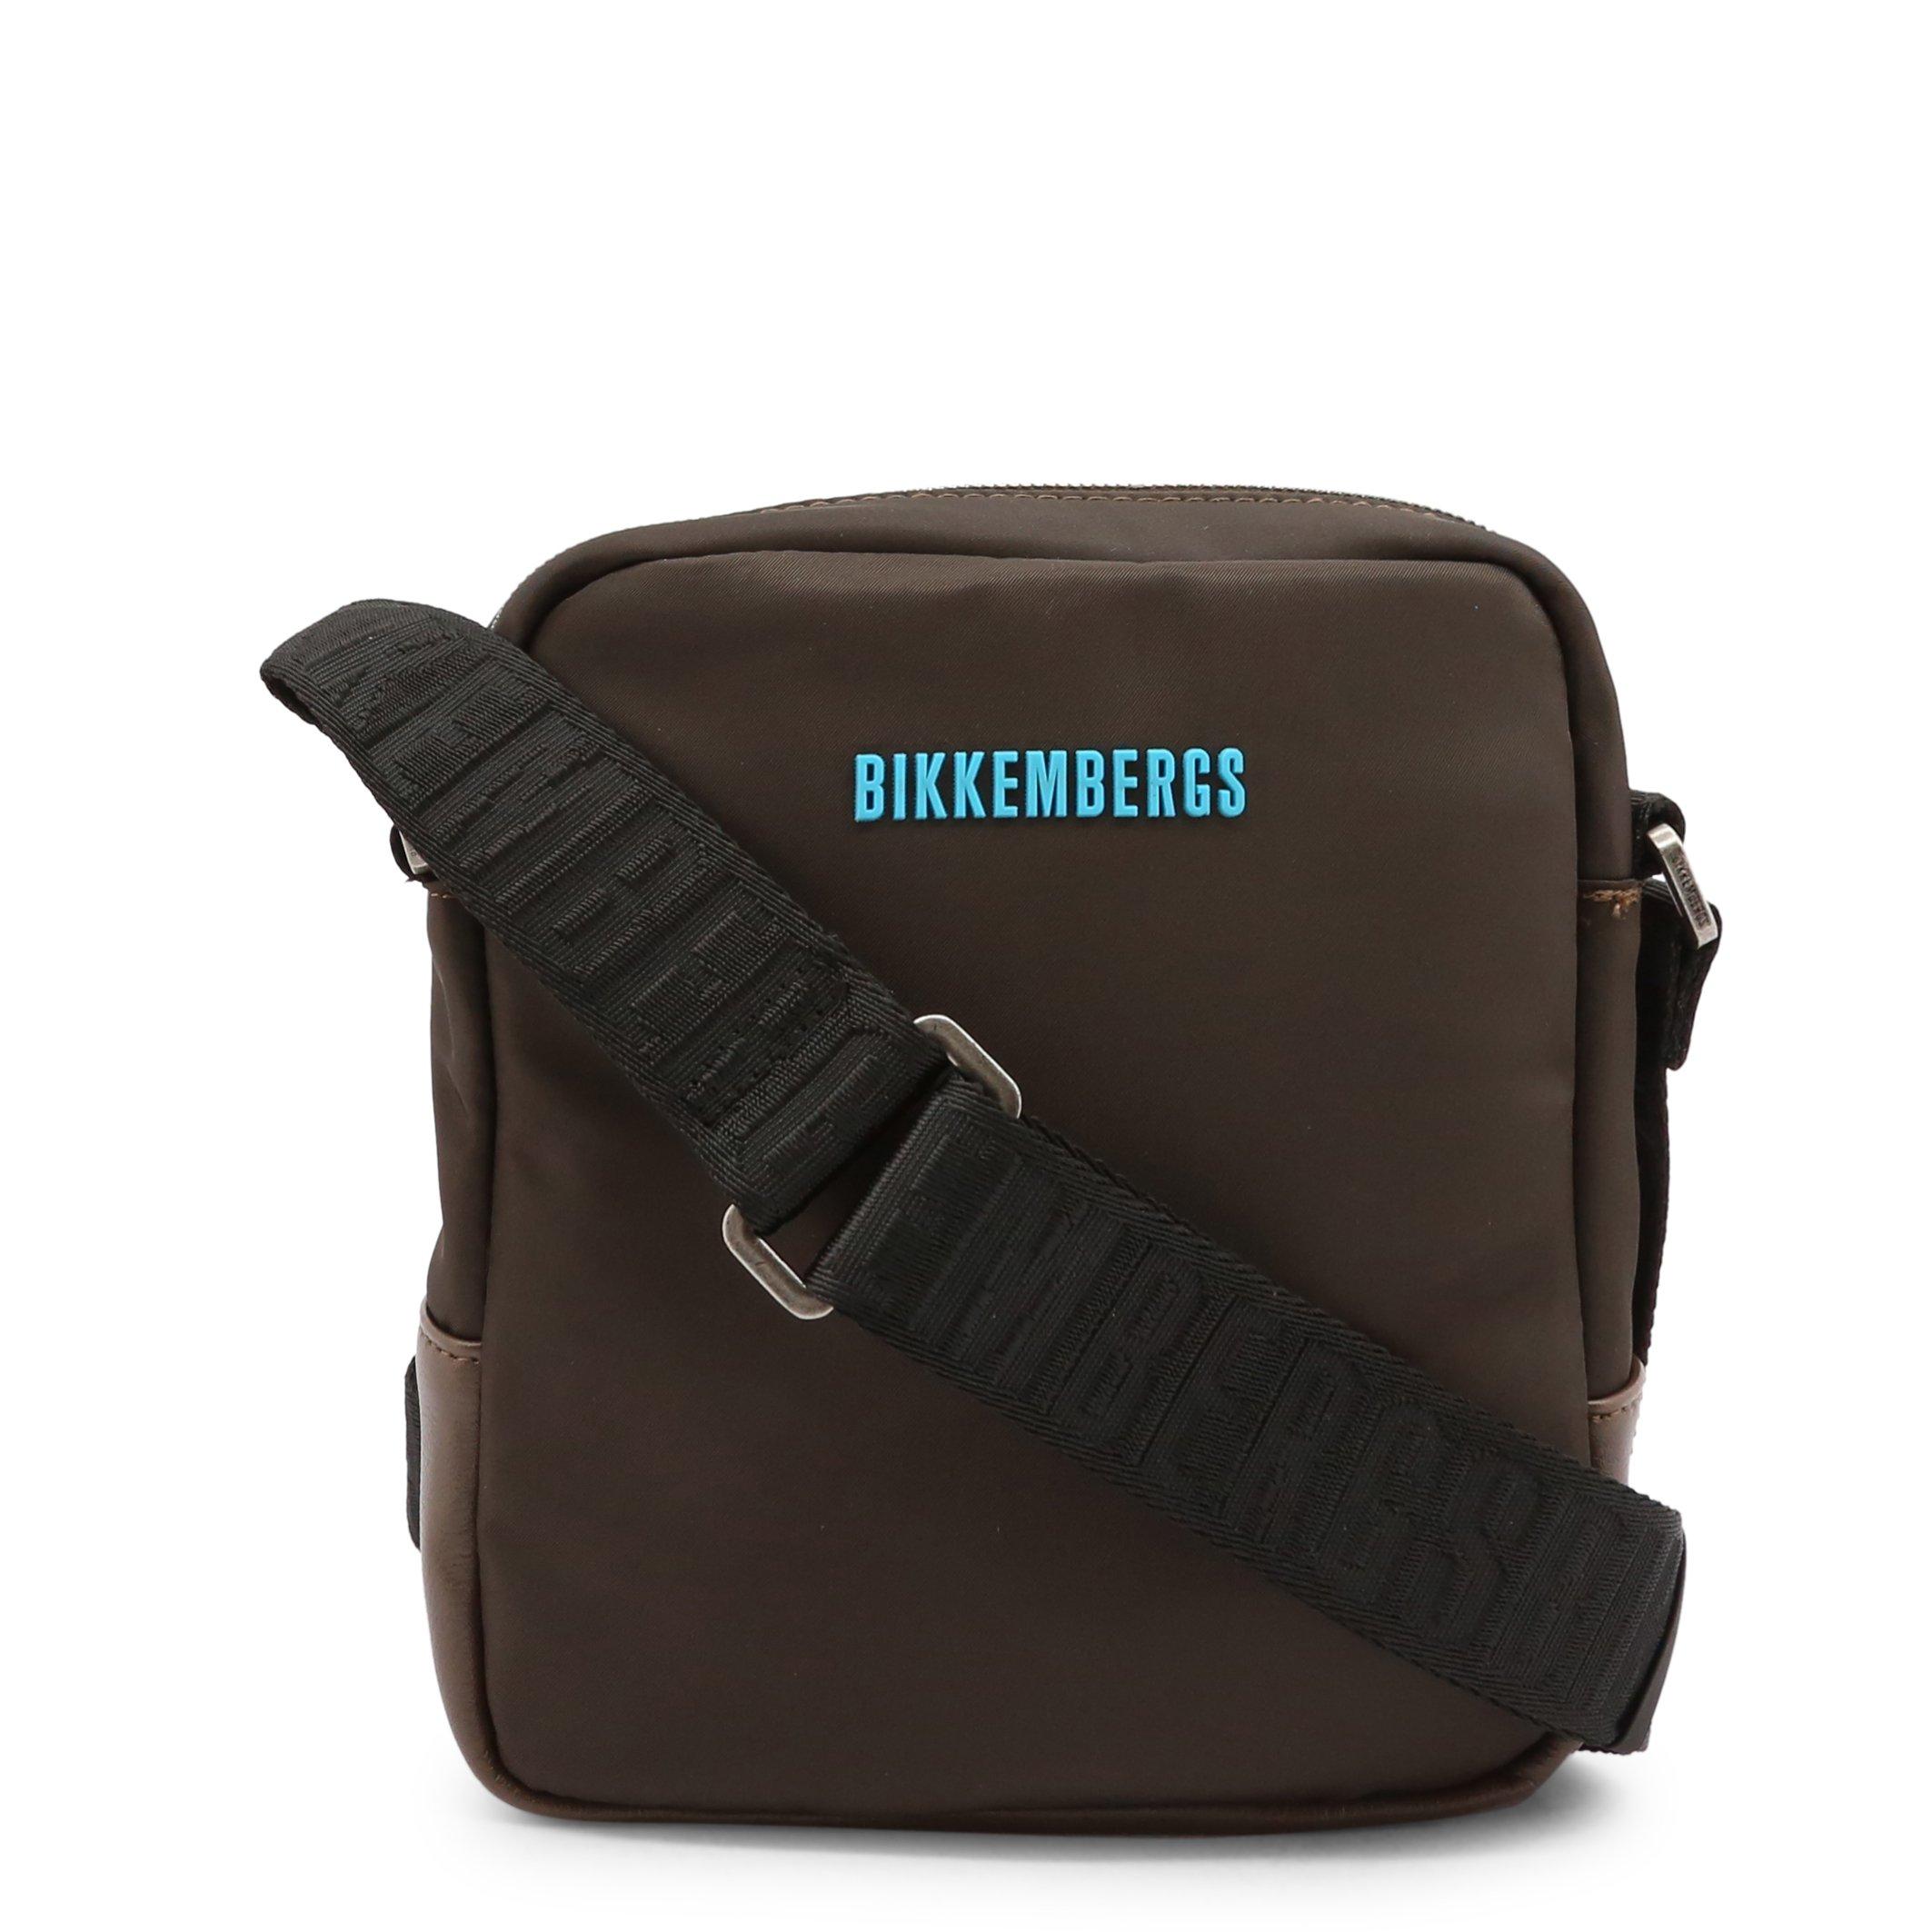 Bikkembergs Men's Crossbody Bag Various Colours E2BPME1Q0022 - brown NOSIZE